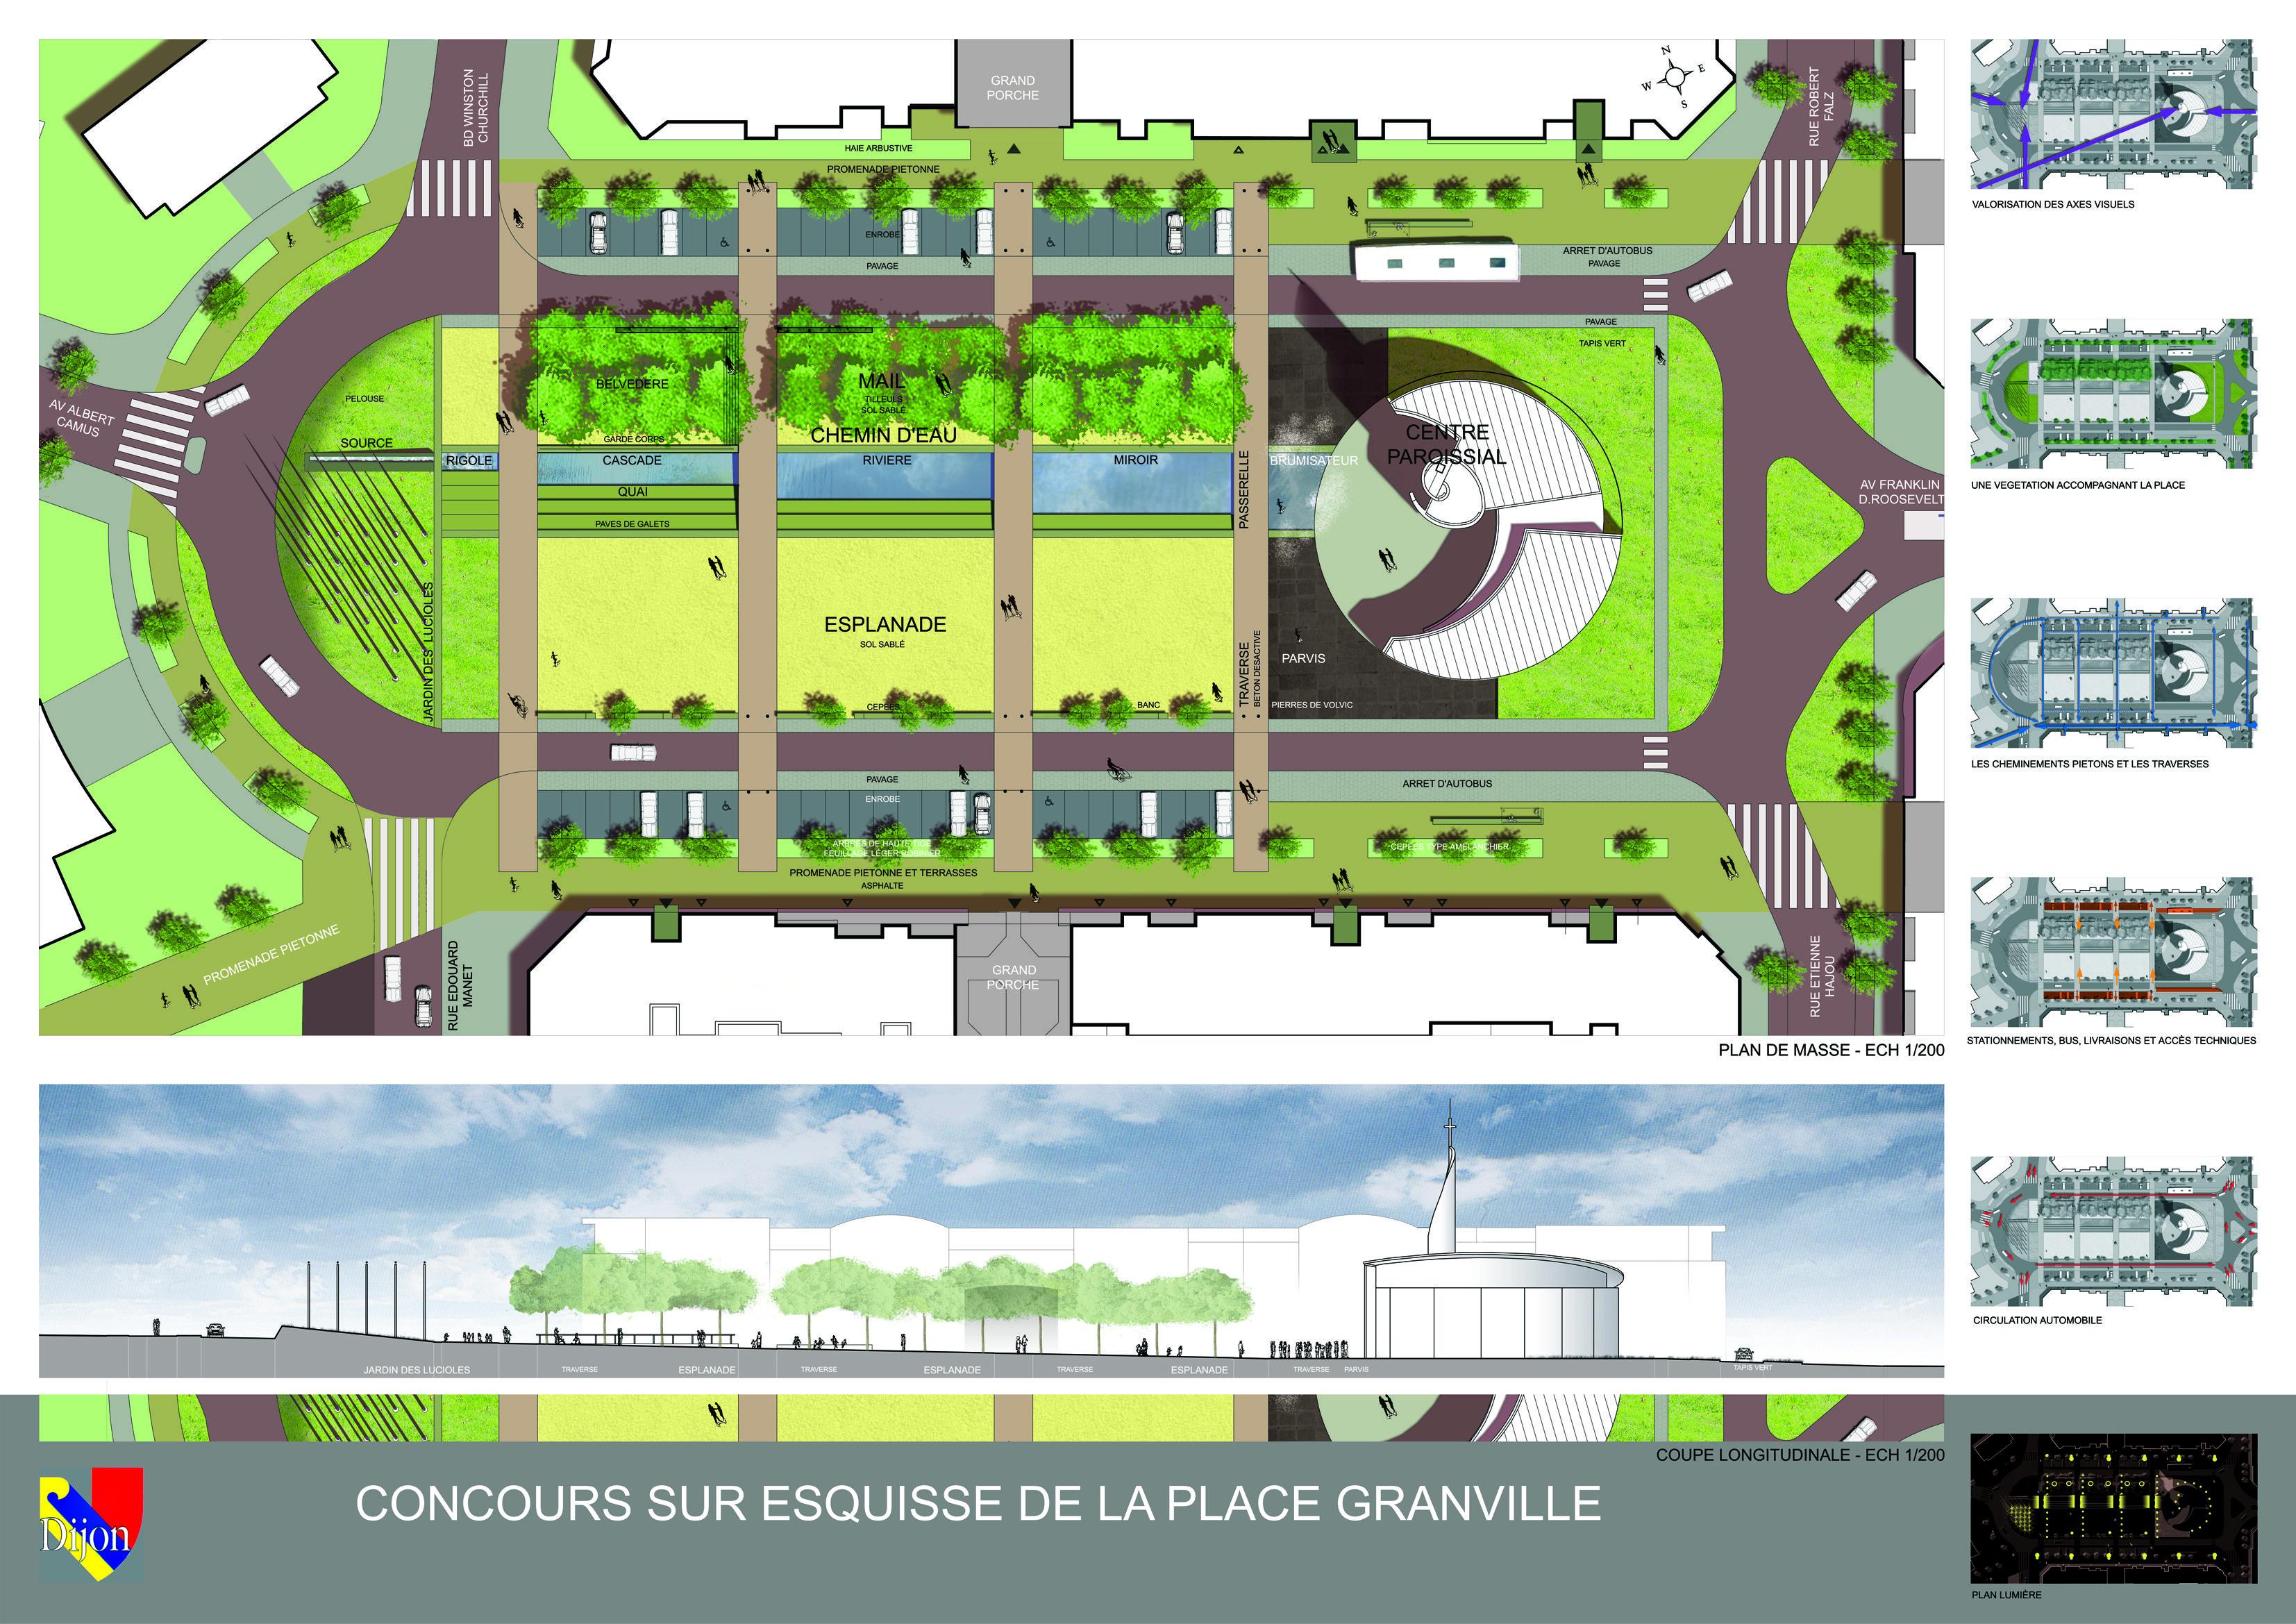 Place Granville, Dijon Concours 2004 Panneau 2